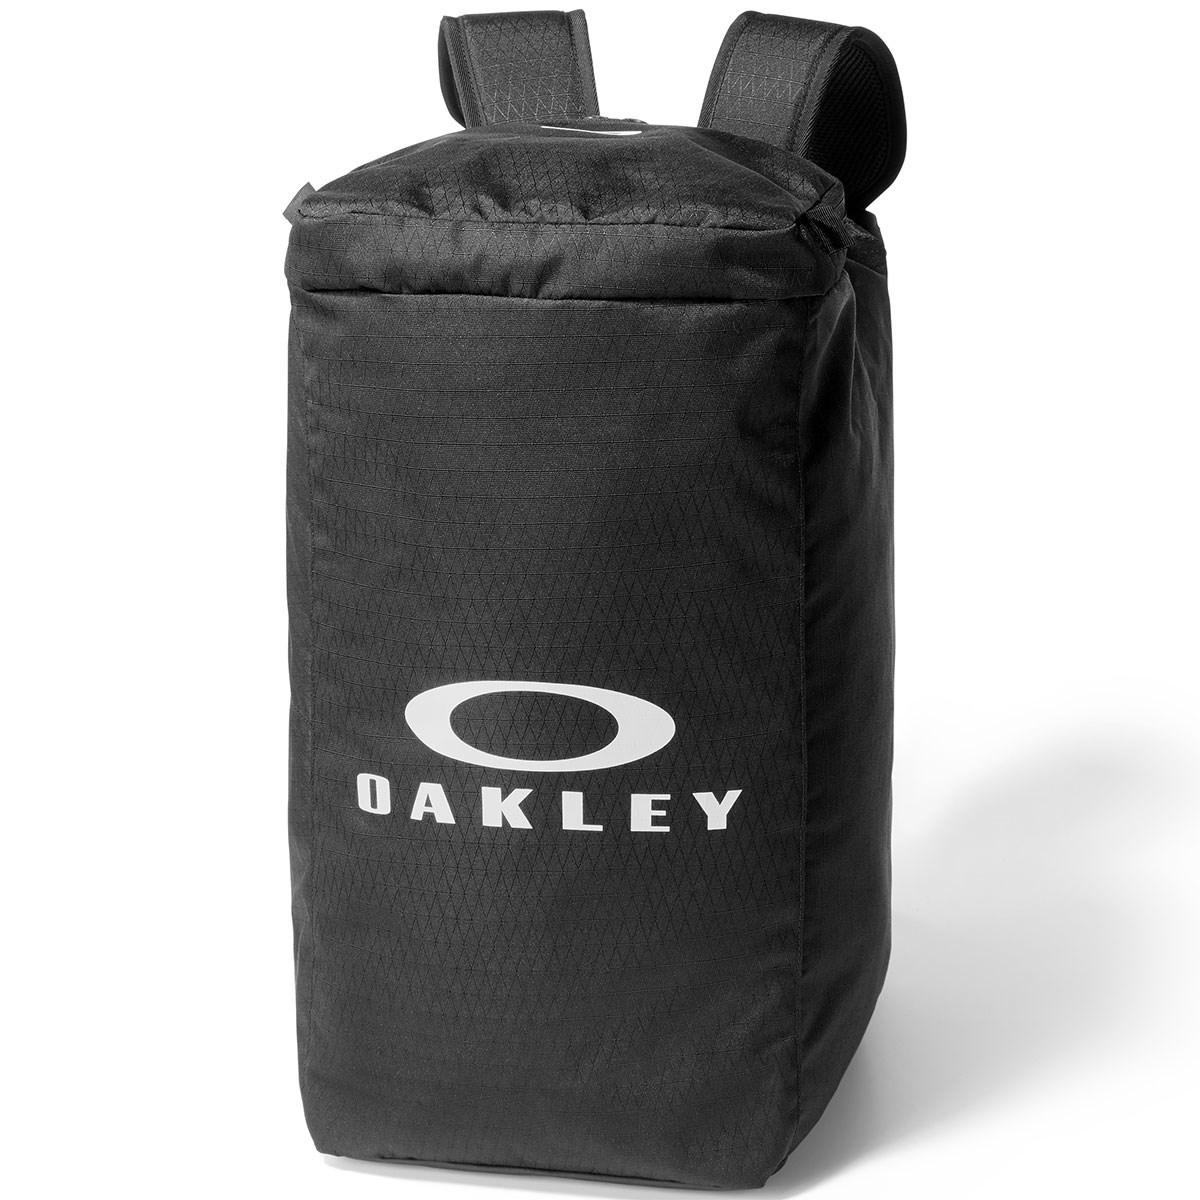 オークリー(OAKLEY) ESSENTIAL M 2.0 2WAY ボストンバッグ